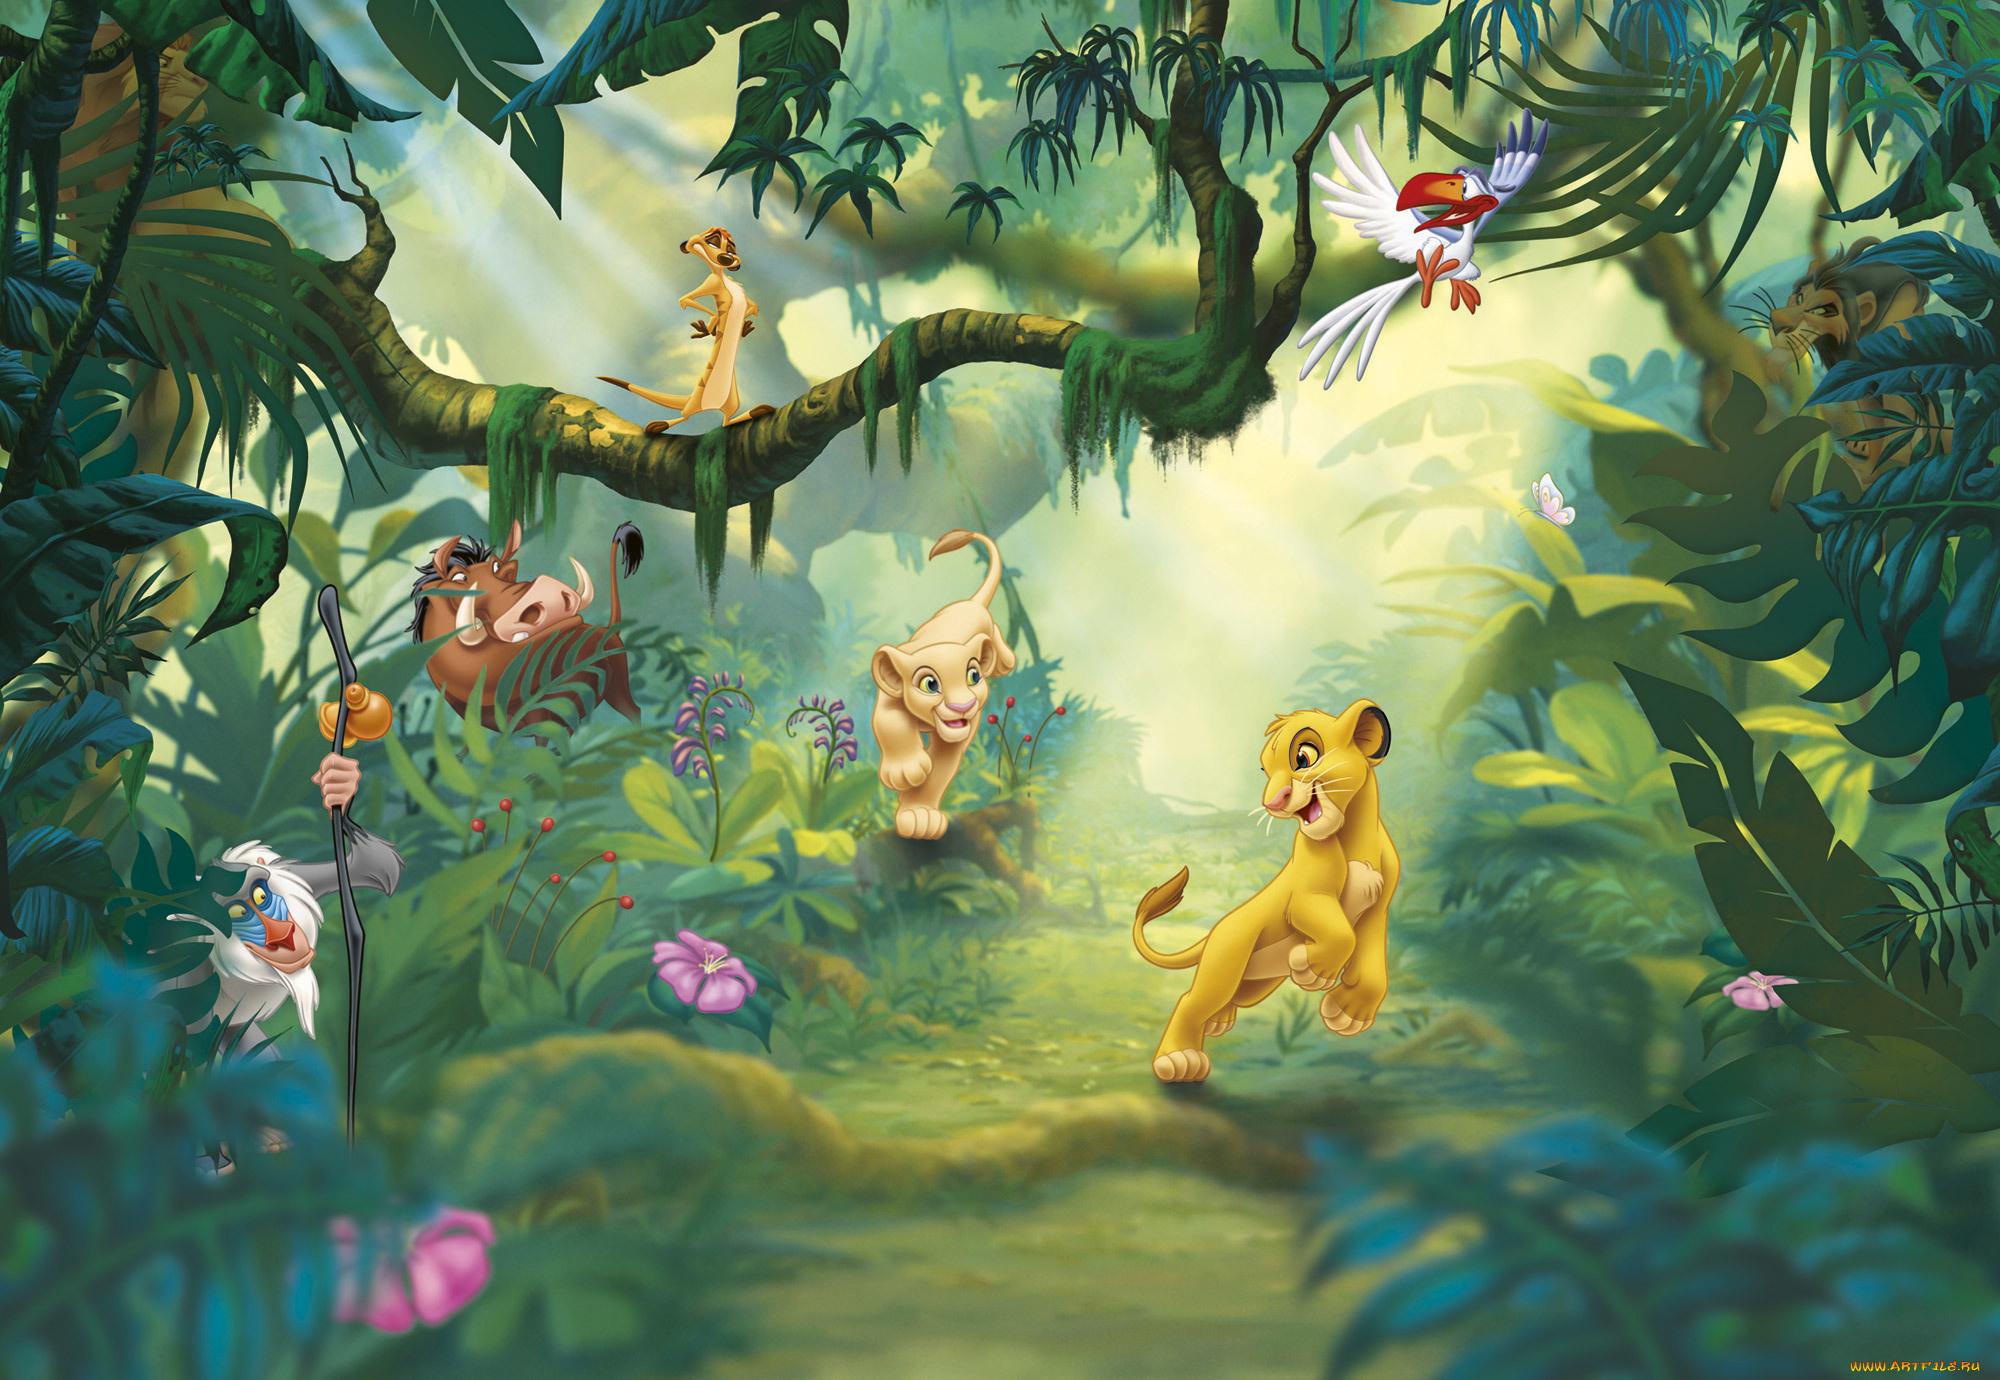 Картинки детские из мультиков высокого разрешения, маша медведь приколами